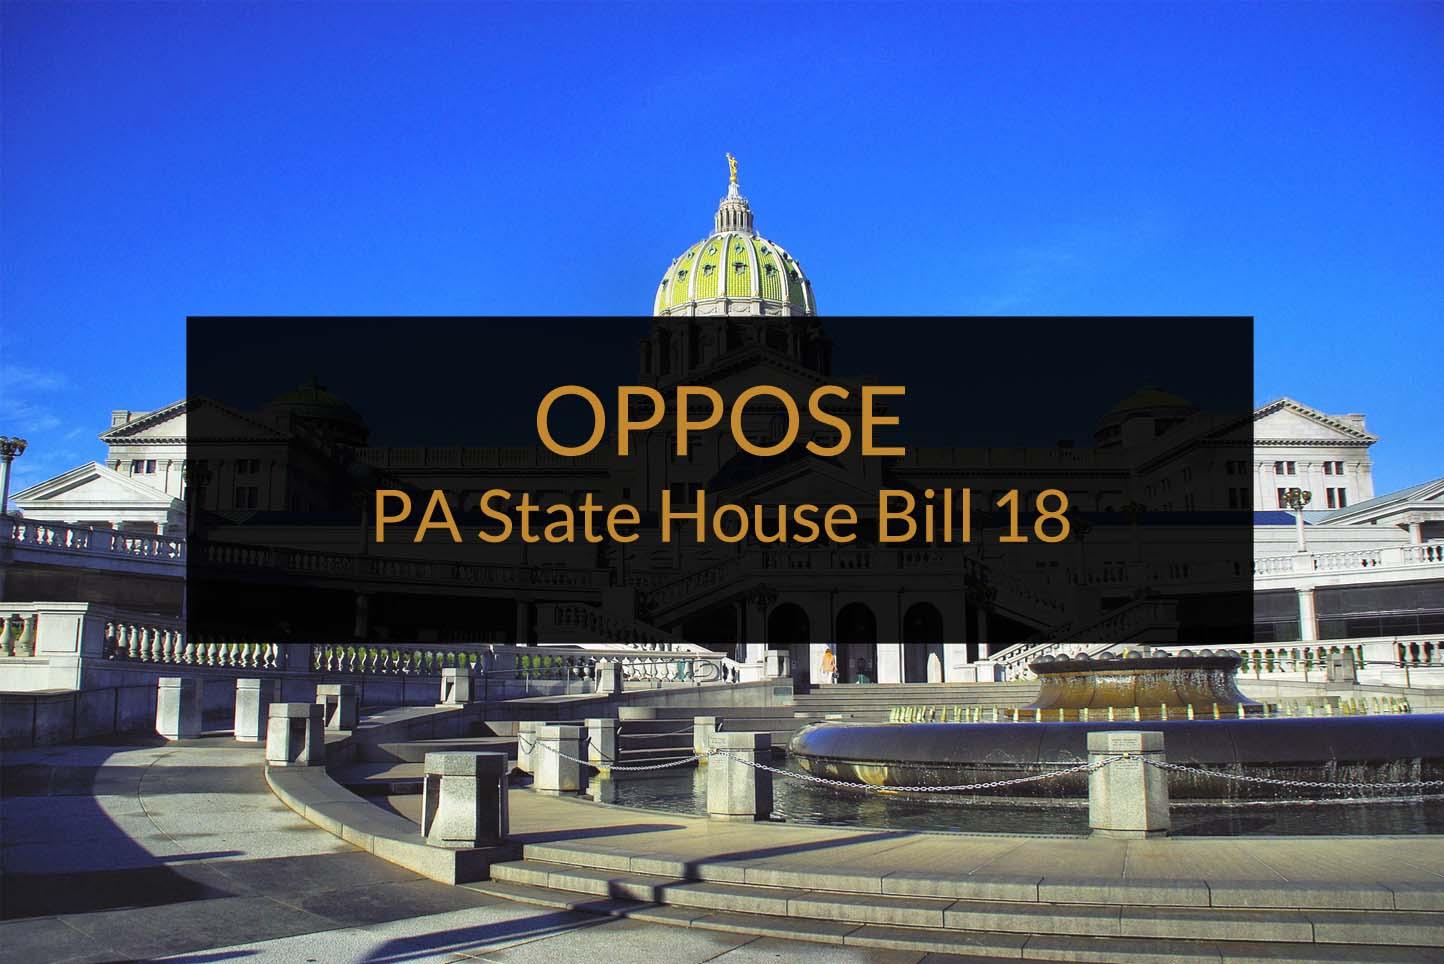 PA House Bill 18